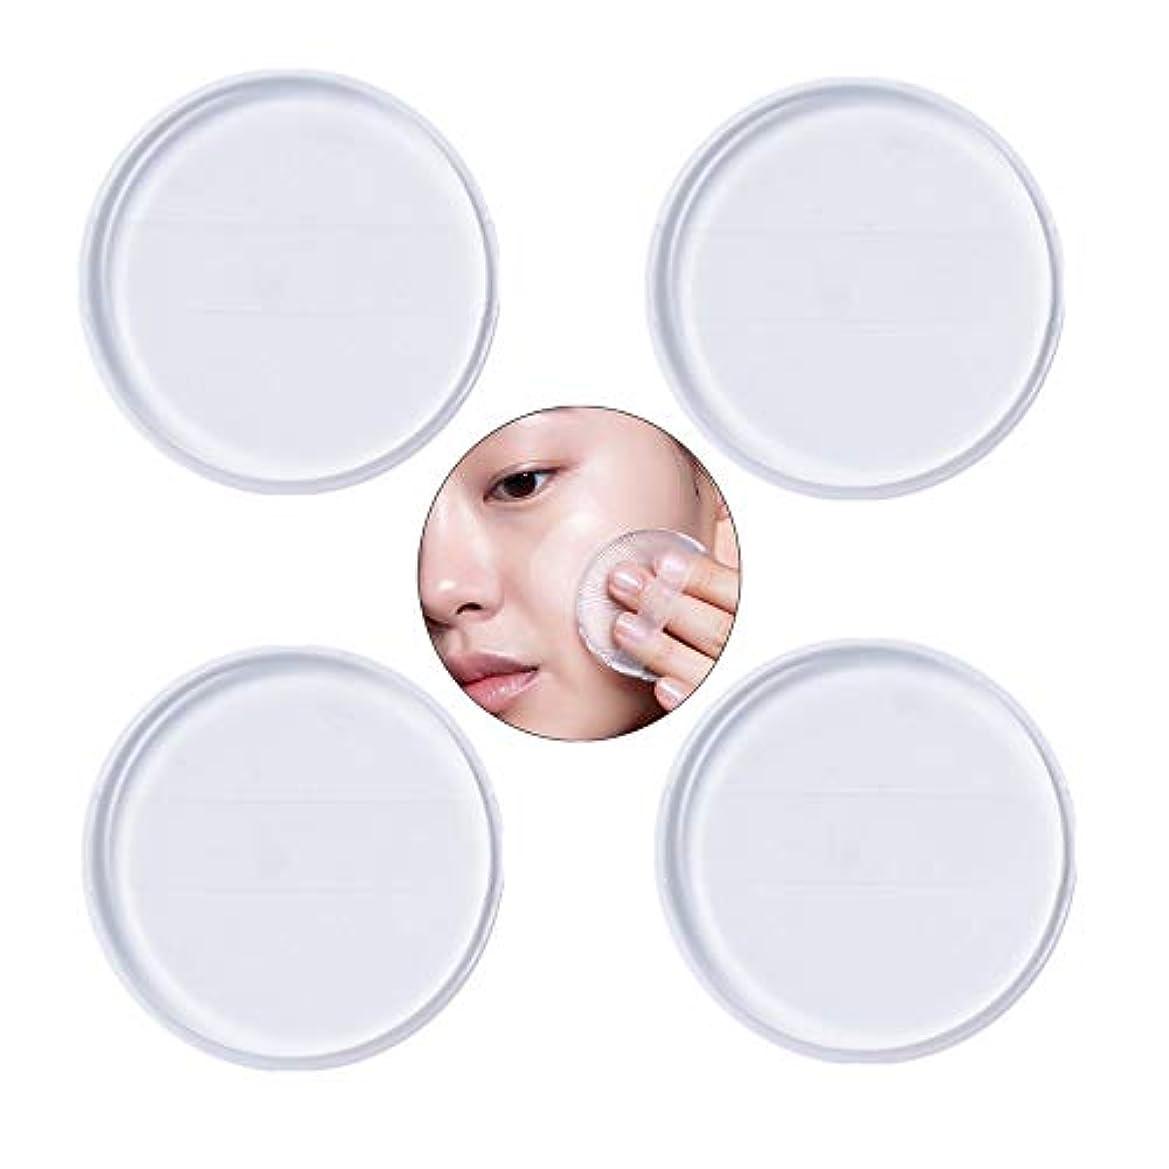 ダース不公平誘発するKingsie シリコンパフ 帯付き 4個セット 丸型 透明 柔らかい ファンデーションパフ ゲルパフ メイクスポンジ 水洗い 清潔